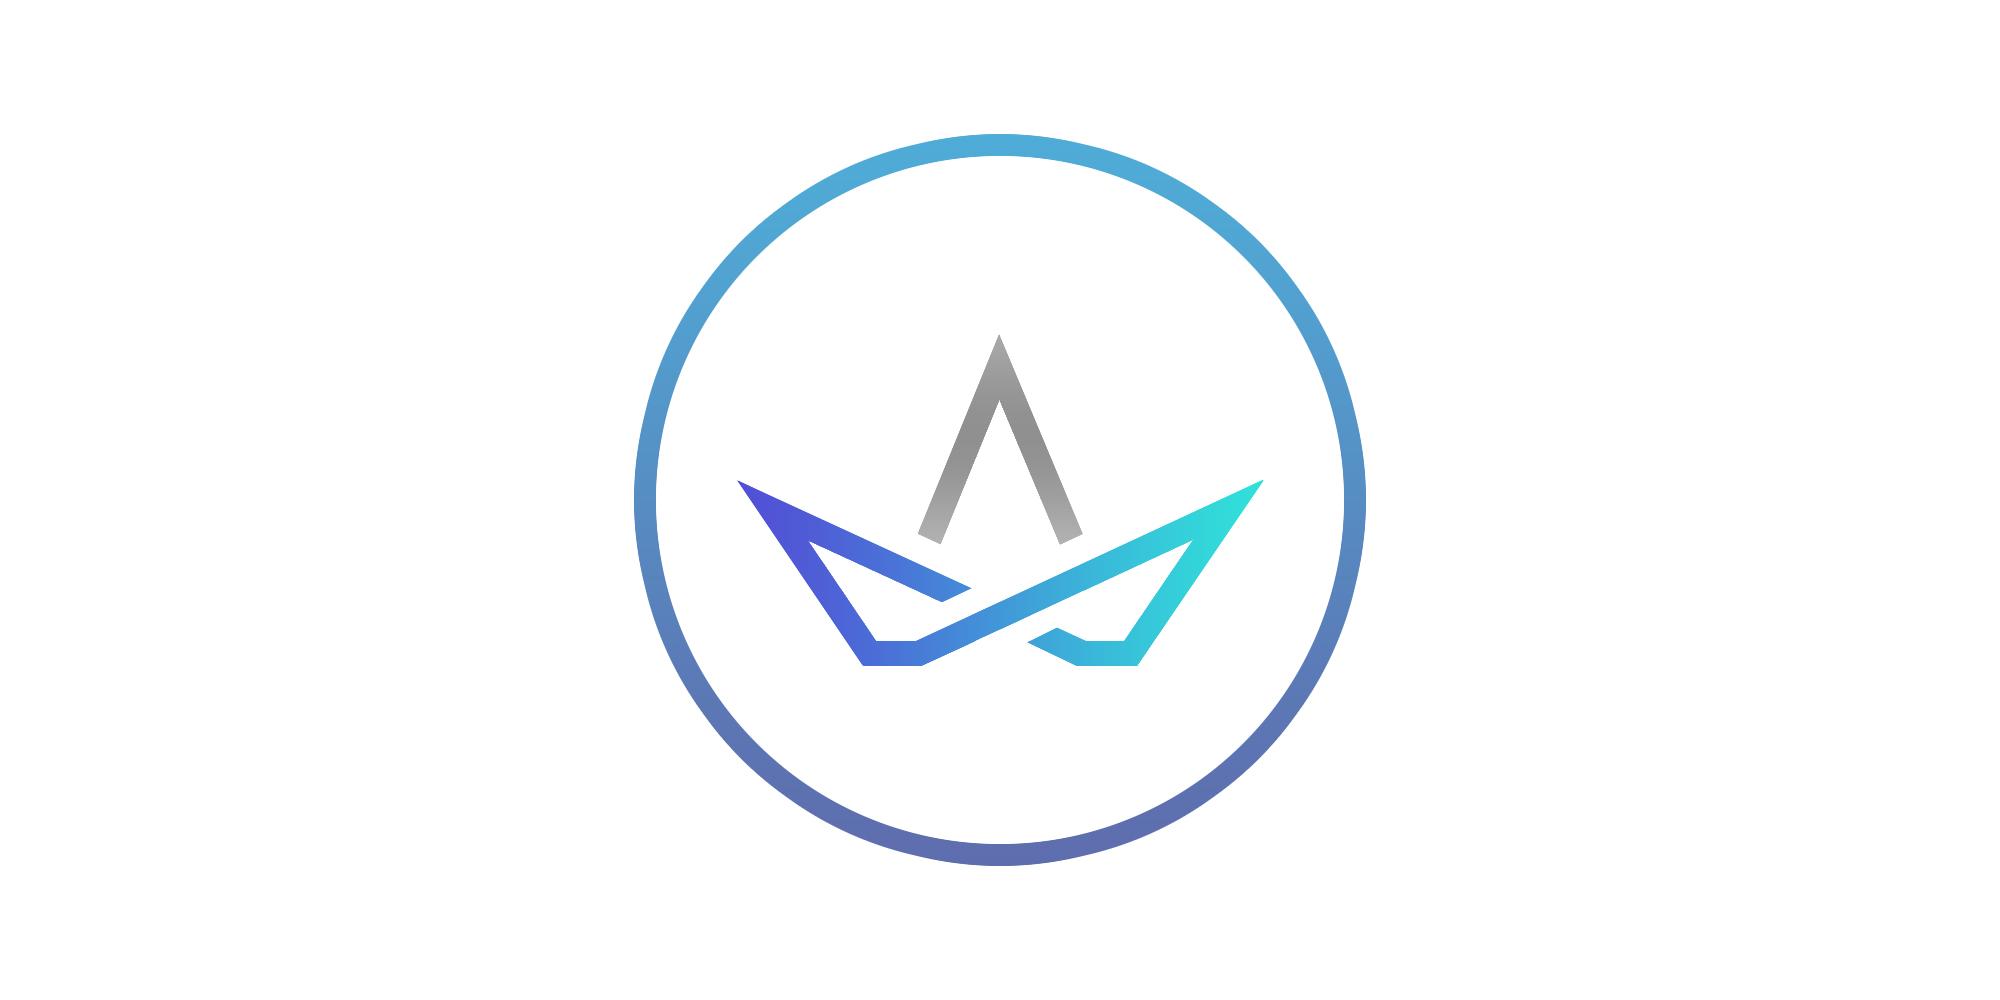 Contact Avid Parsian Company